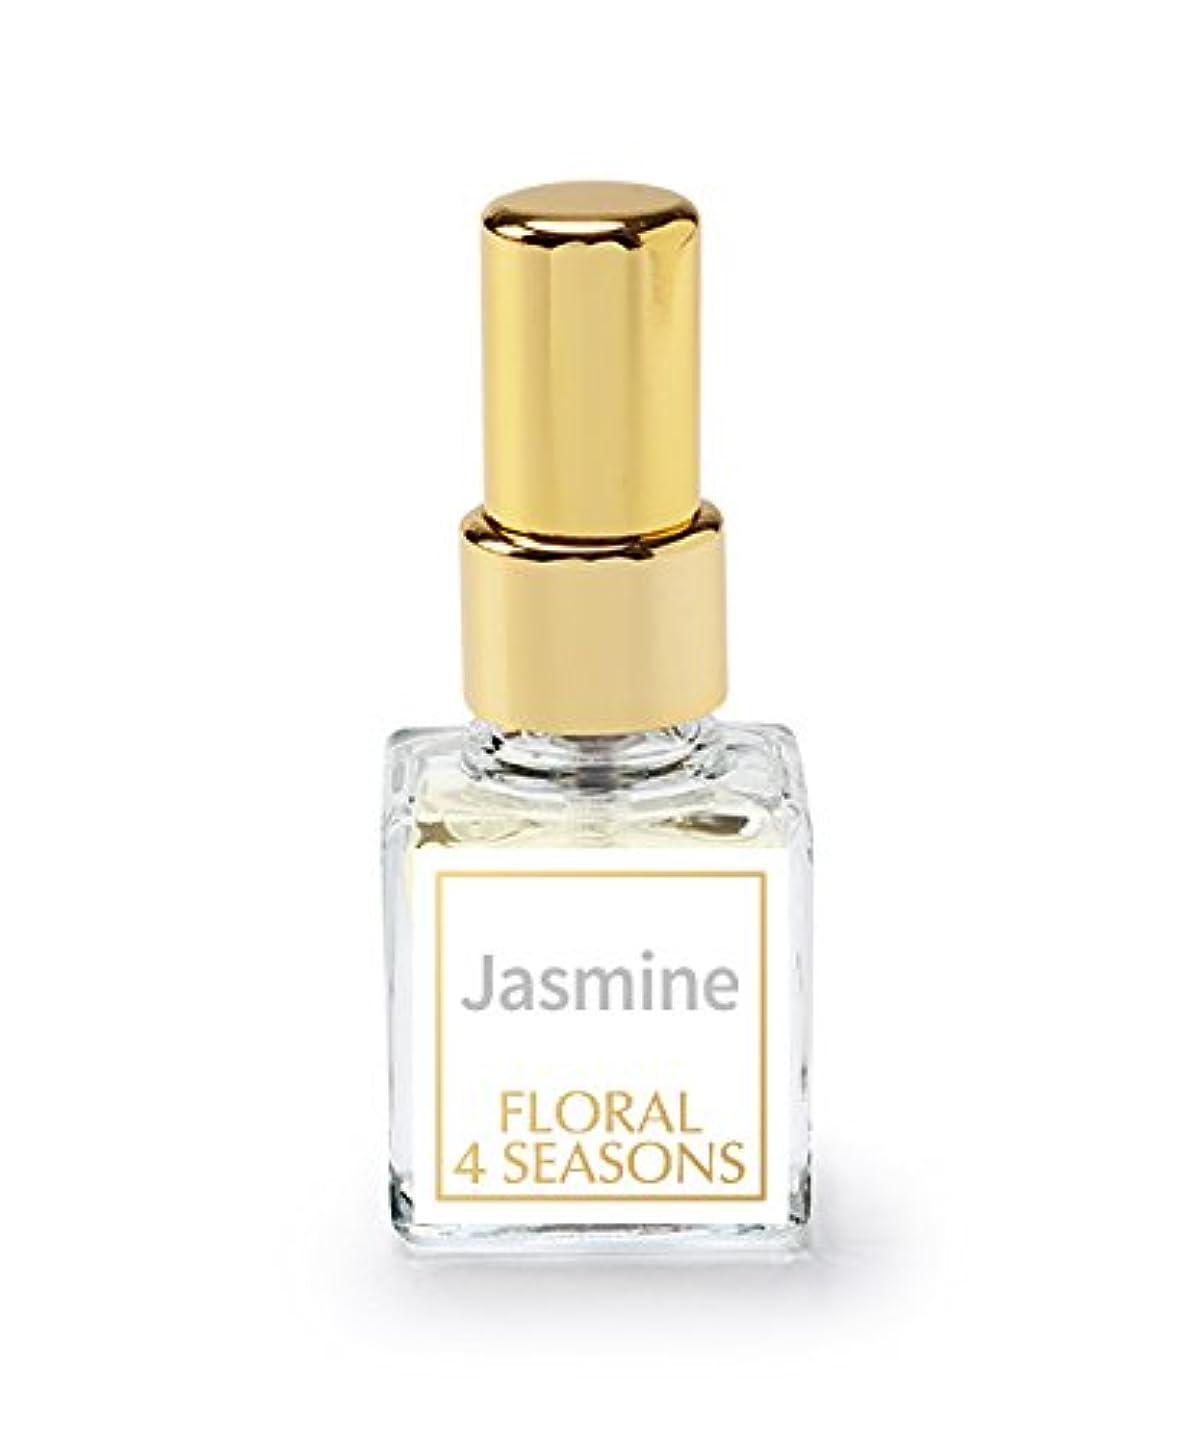 物足りないパワーセル不名誉な武蔵野ワークスの香水「ジャスミン」(EDP/4mL)